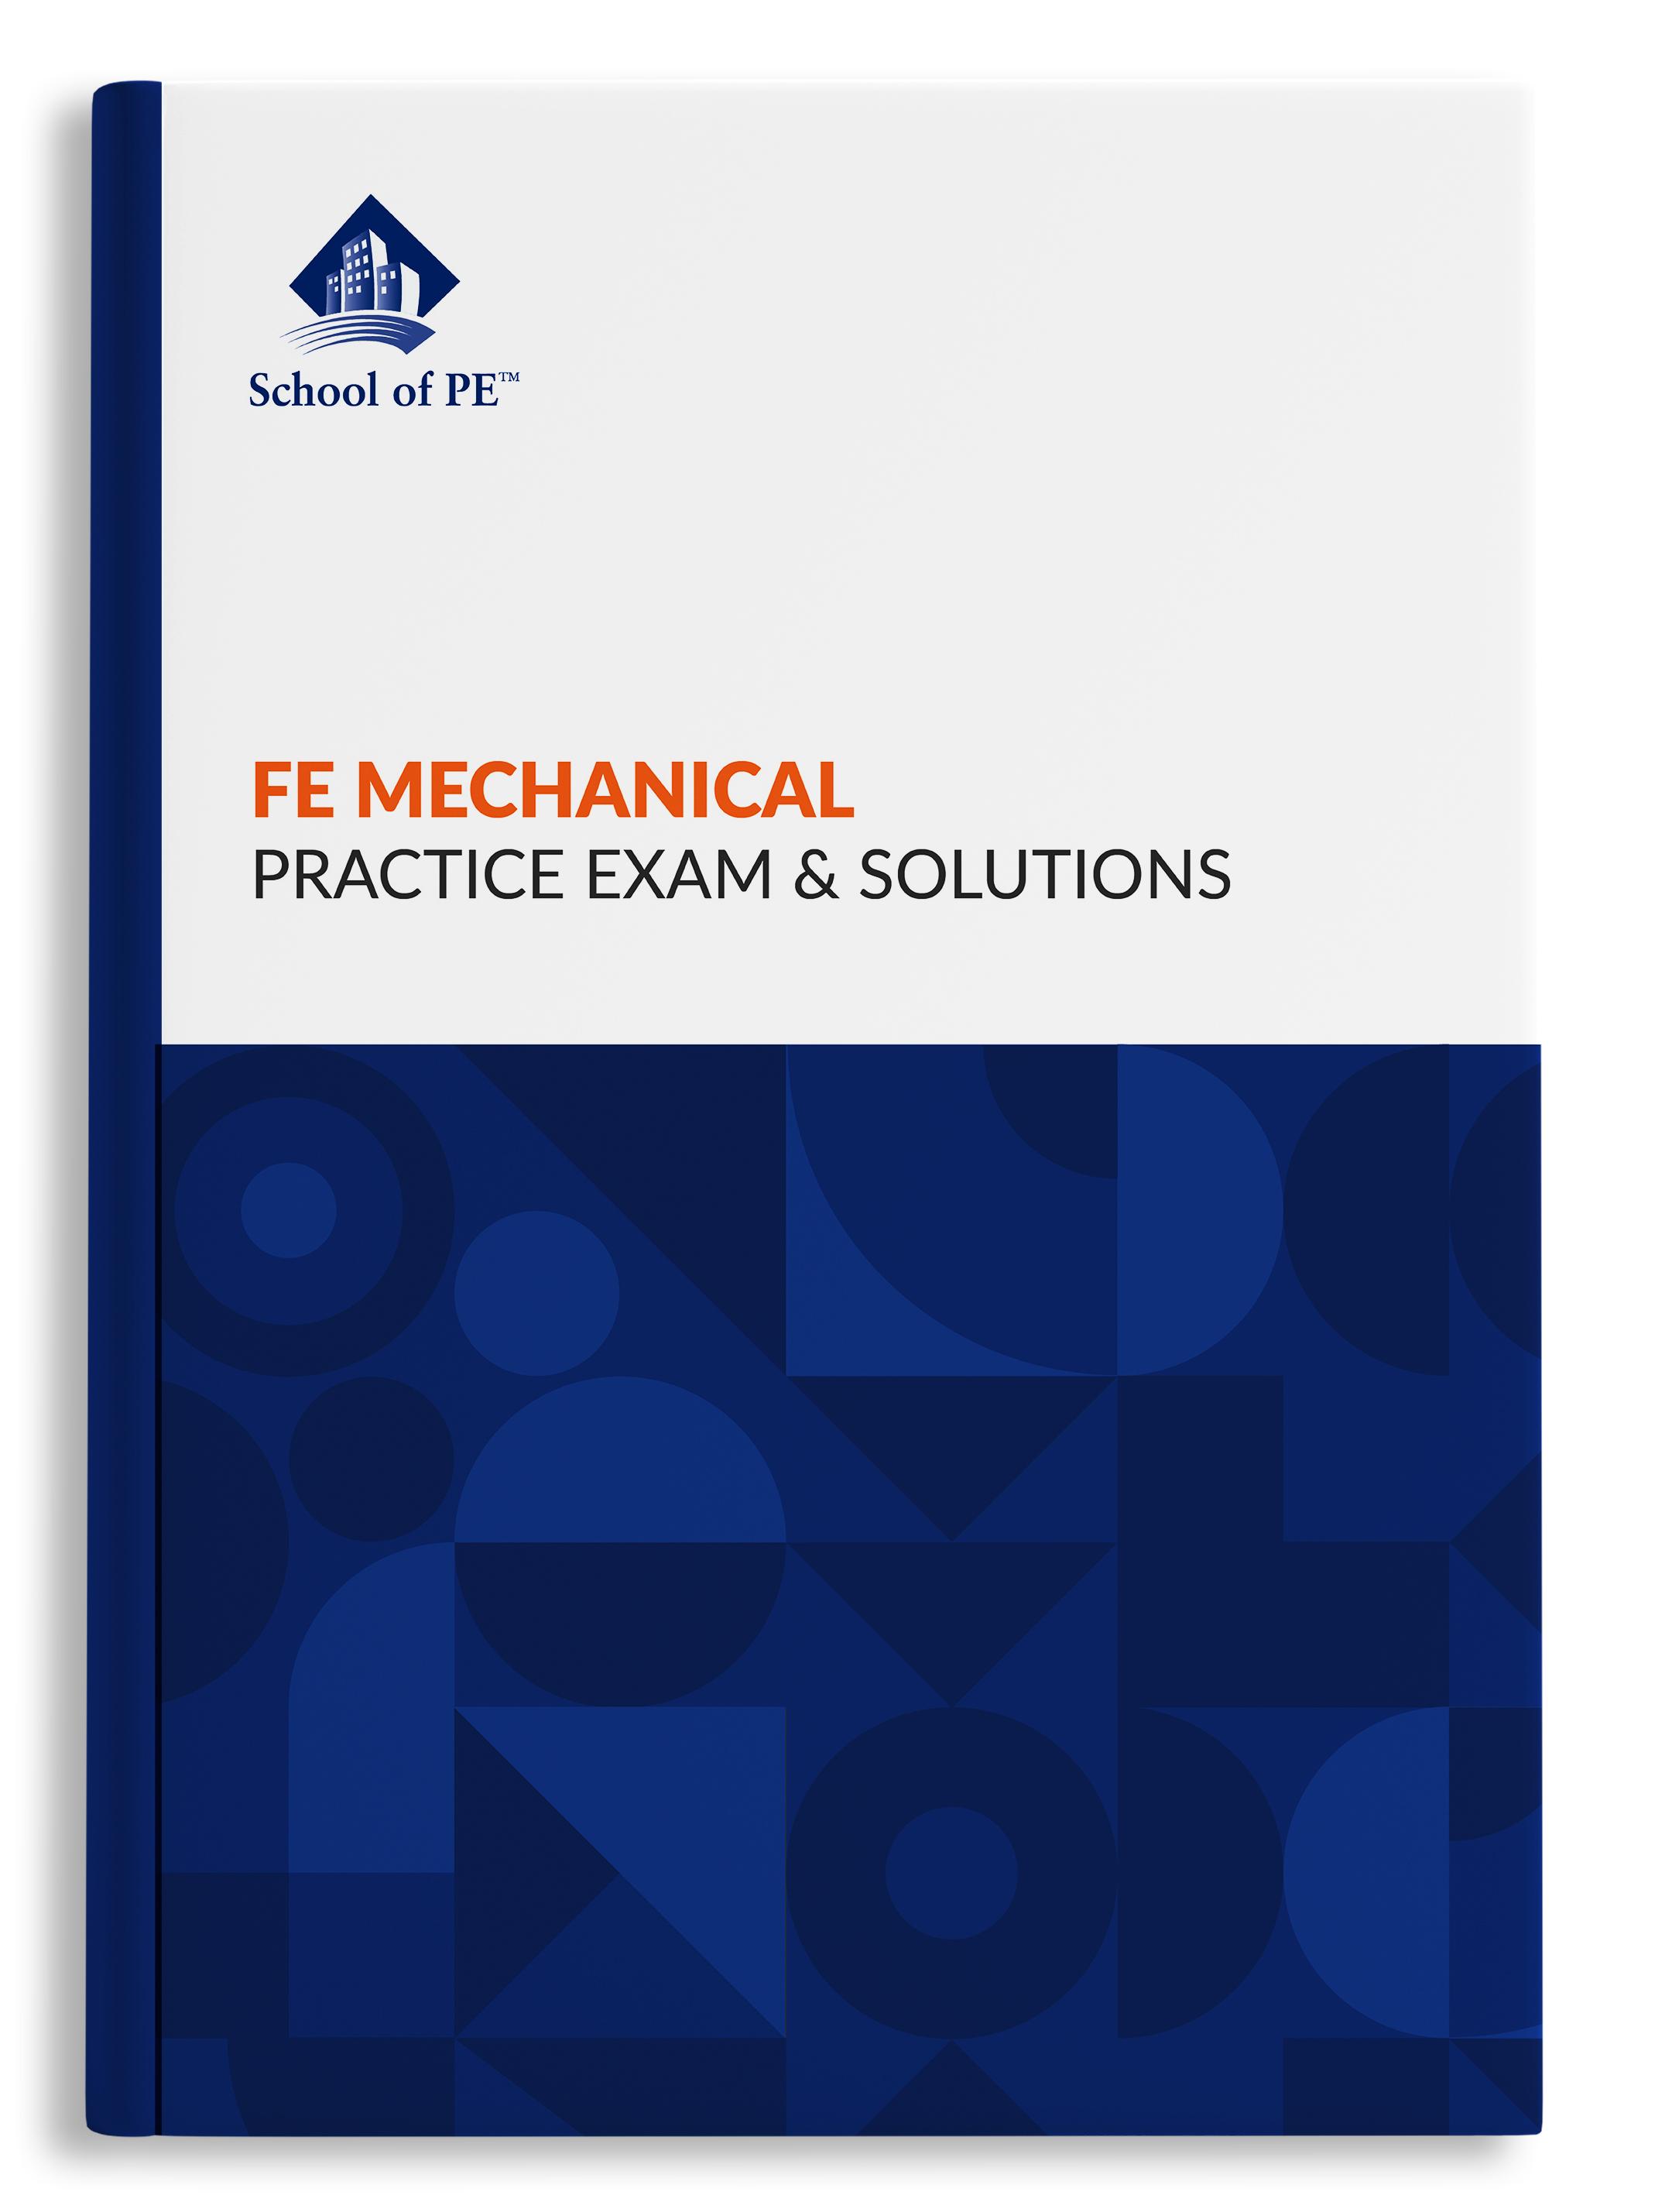 FE机械实践考试和解决方案